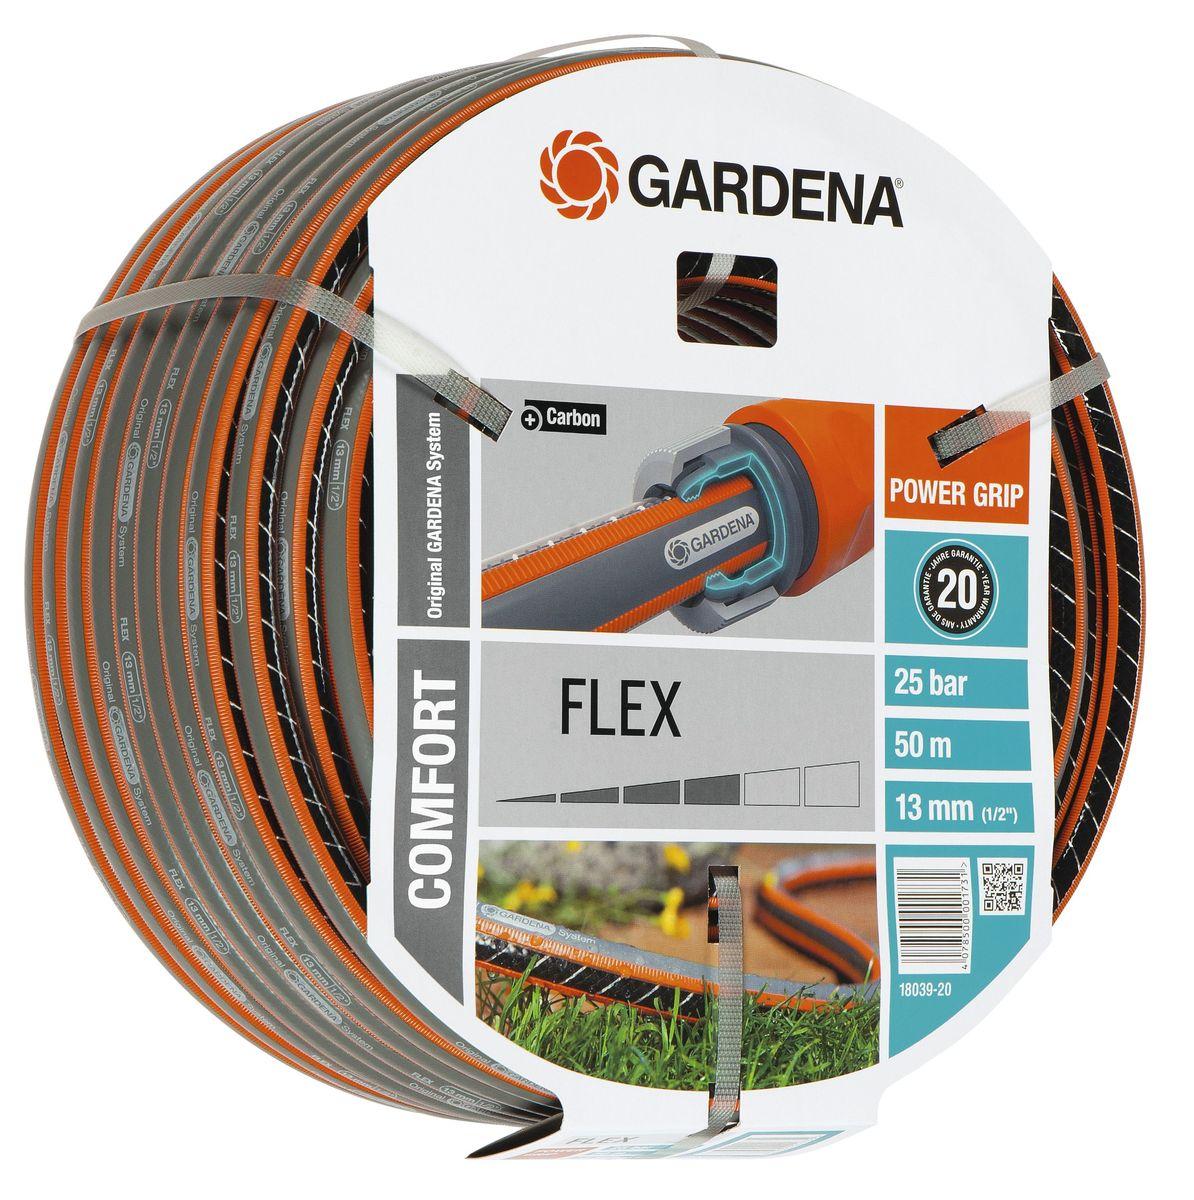 Шланг Gardena Flex, диаметр 1/2, длина 50 м96281375Шланг Gardena Flex с ребристым профилем Power Grip подходит для идеального соединения с коннекторами базовой системы полива. Устойчив к высокому давлению и сохраняет формы благодаря спиралевидному текстильному армированию, усиленному углеродом.Не перегибается, не спутывается.